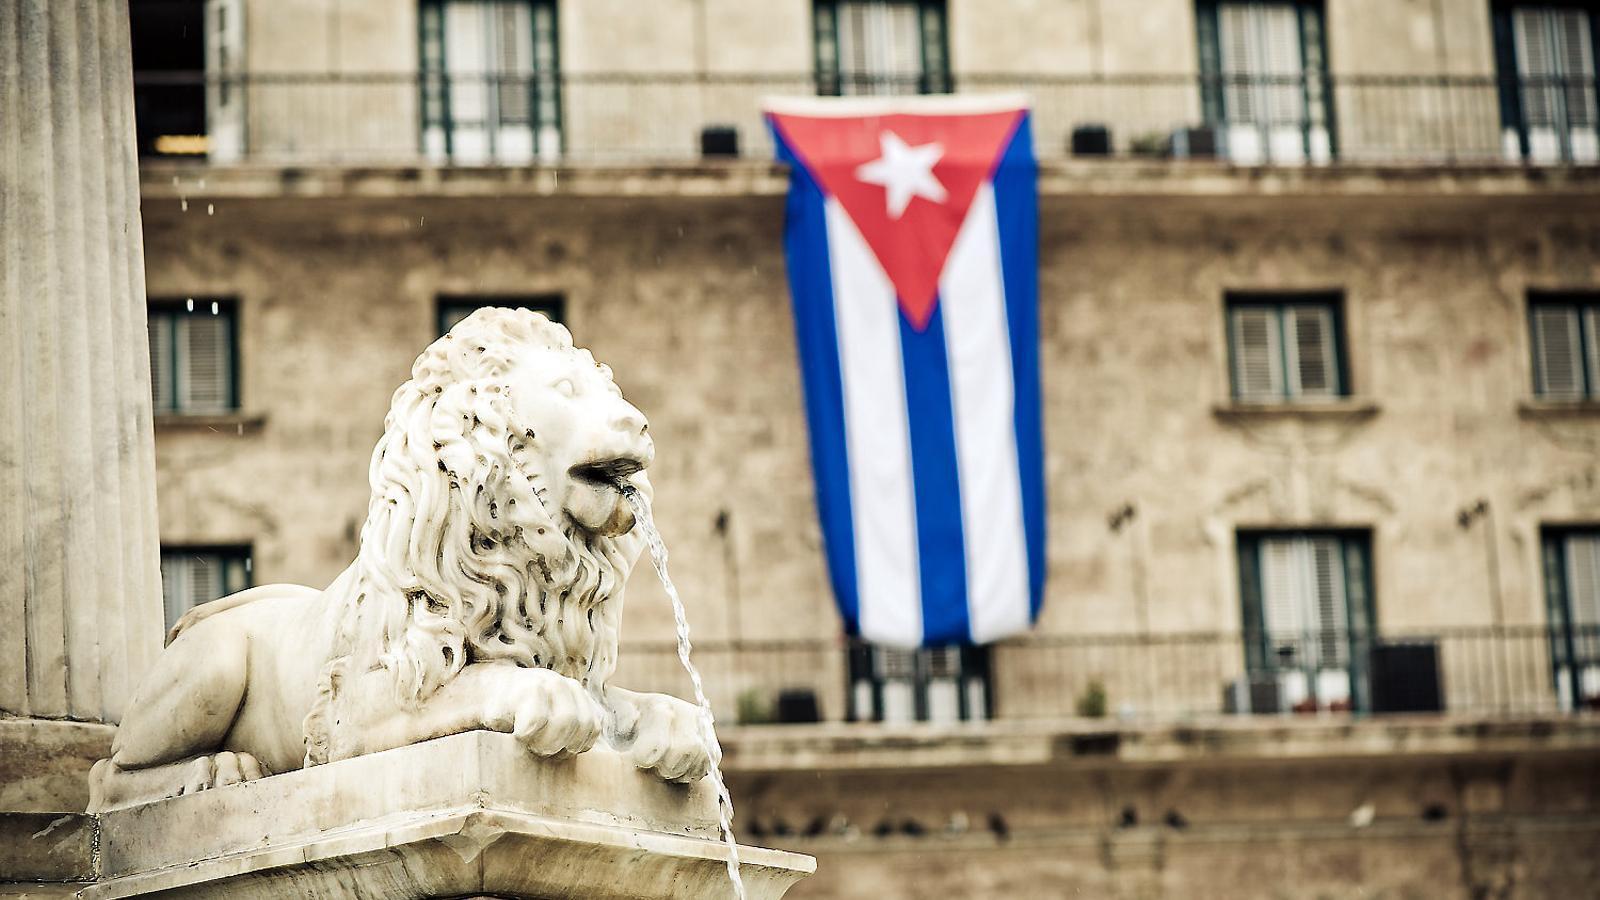 Des de l'any 2000, el sistema d'aigües de l'Havana el gestiona Agbar a través d'Aguas de La Habana. A la imatge, una font de la capital cubana.